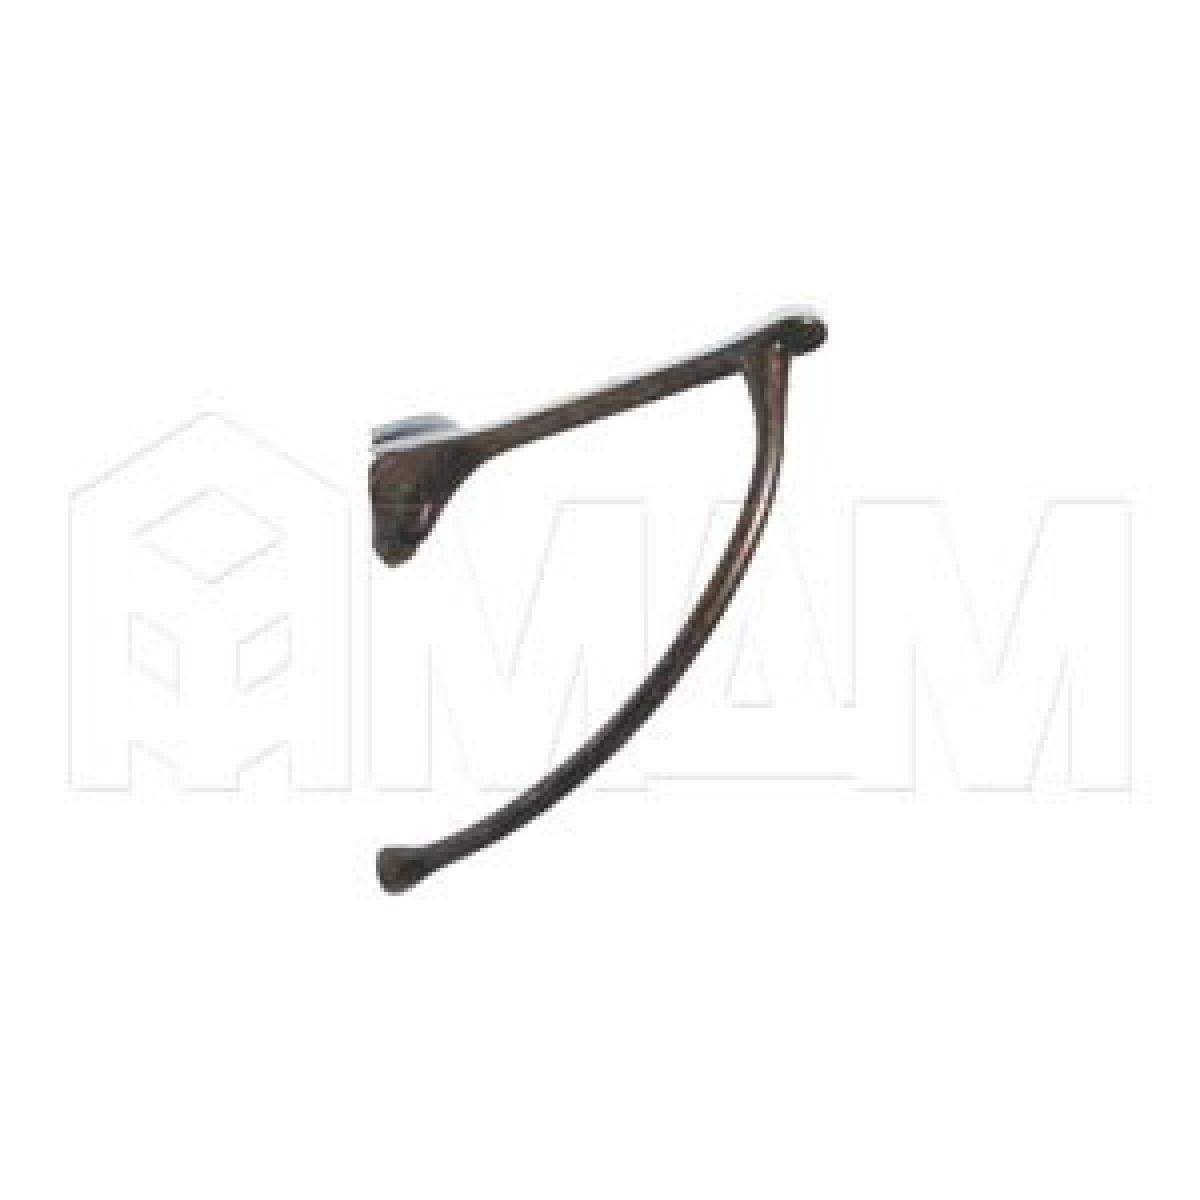 Менсолодержатель для деревянных и стеклянных полок 6 - 20 мм, L-149 мм, бронза патинированная (2 шт.)